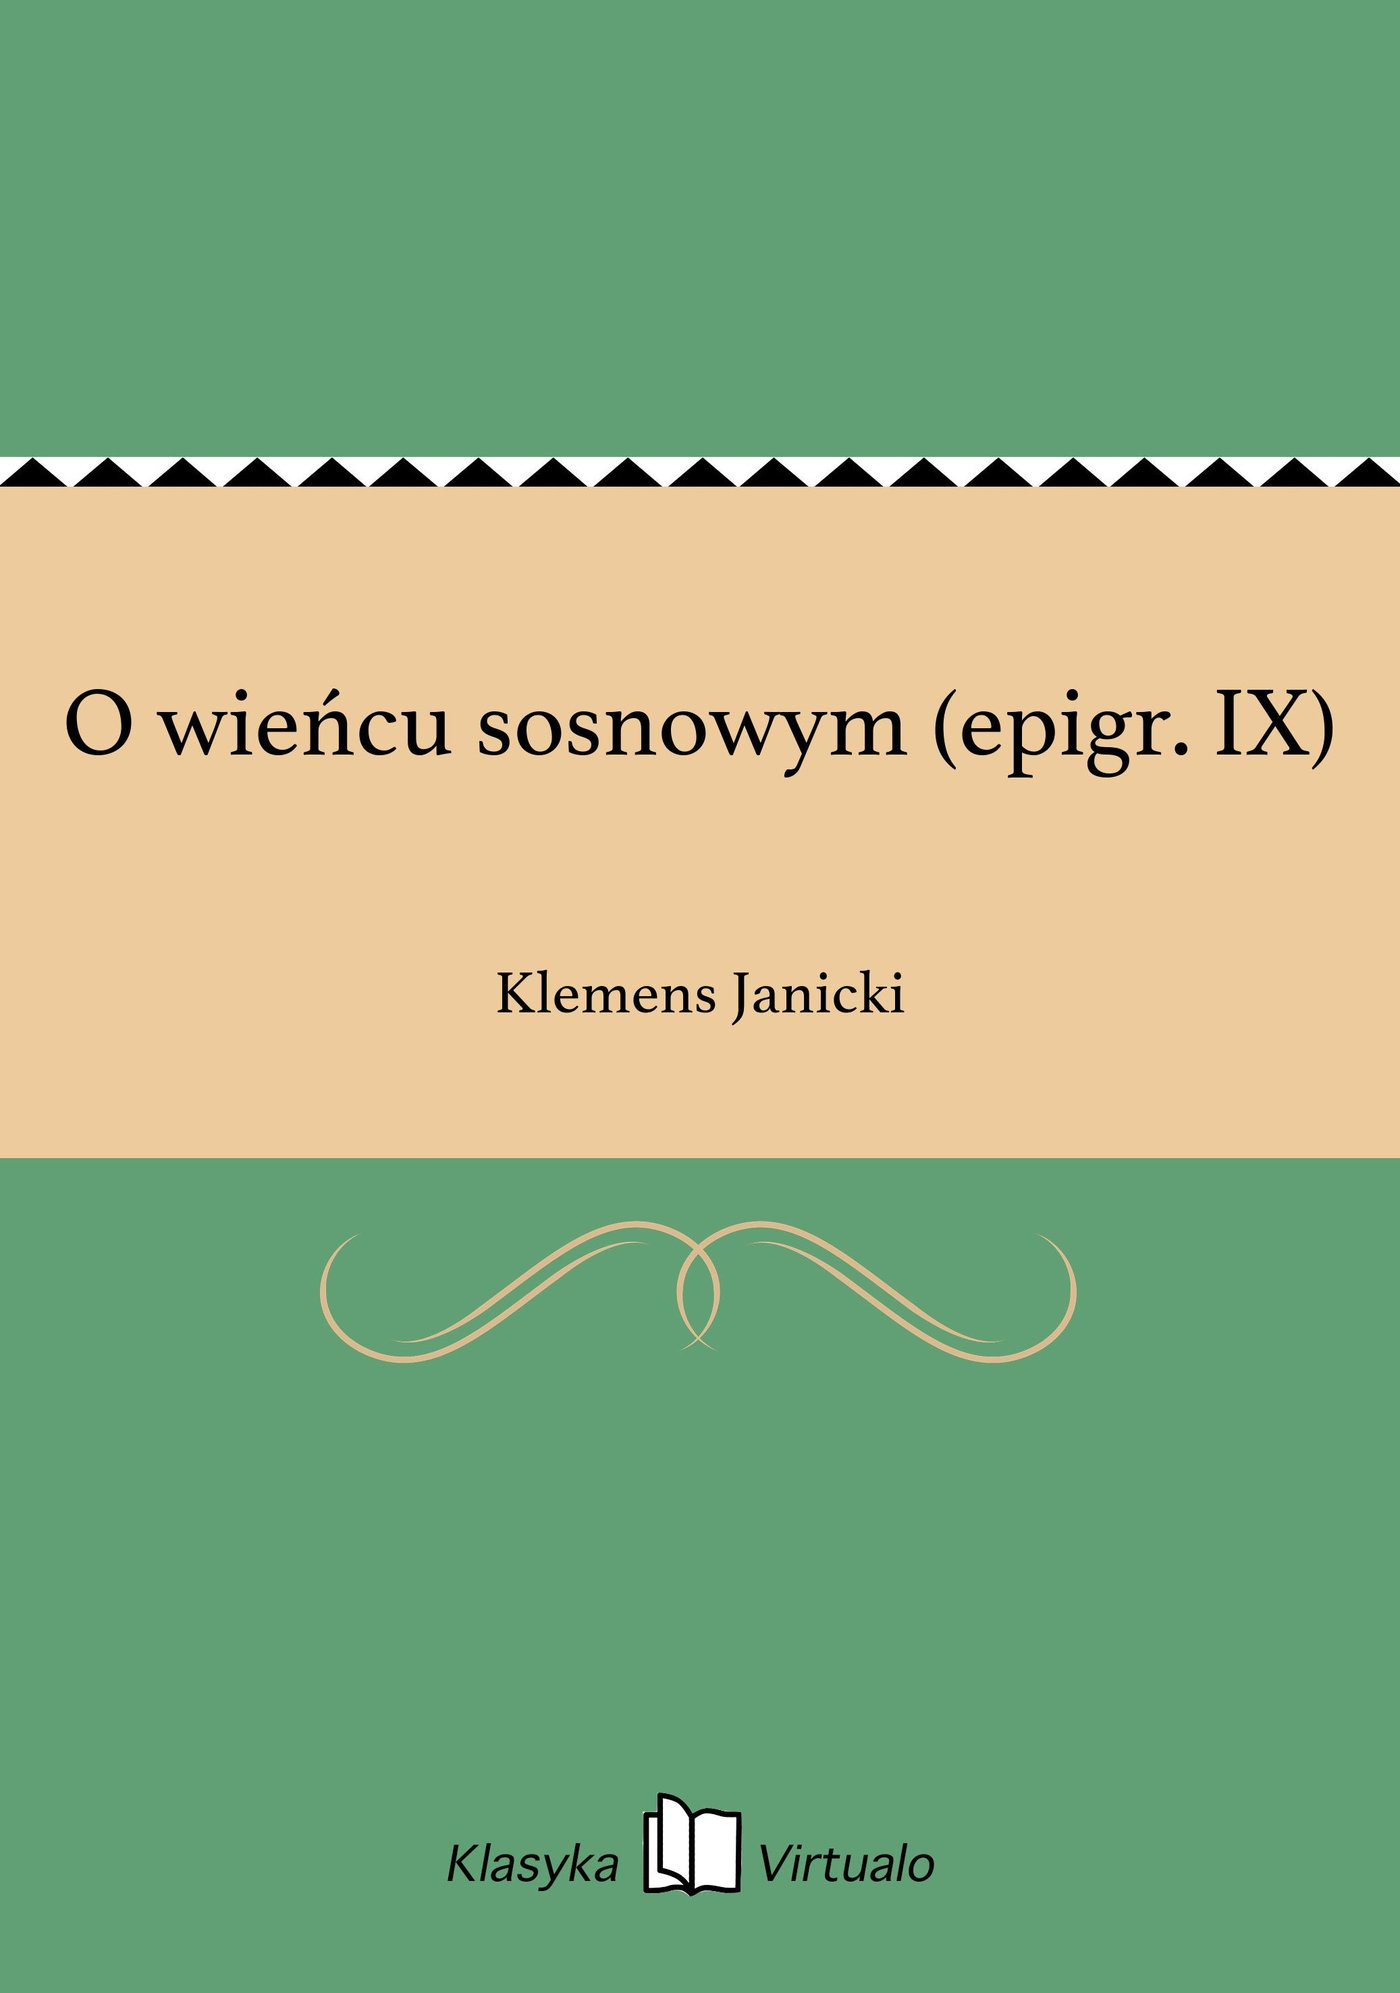 O wieńcu sosnowym (epigr. IX) - Ebook (Książka EPUB) do pobrania w formacie EPUB